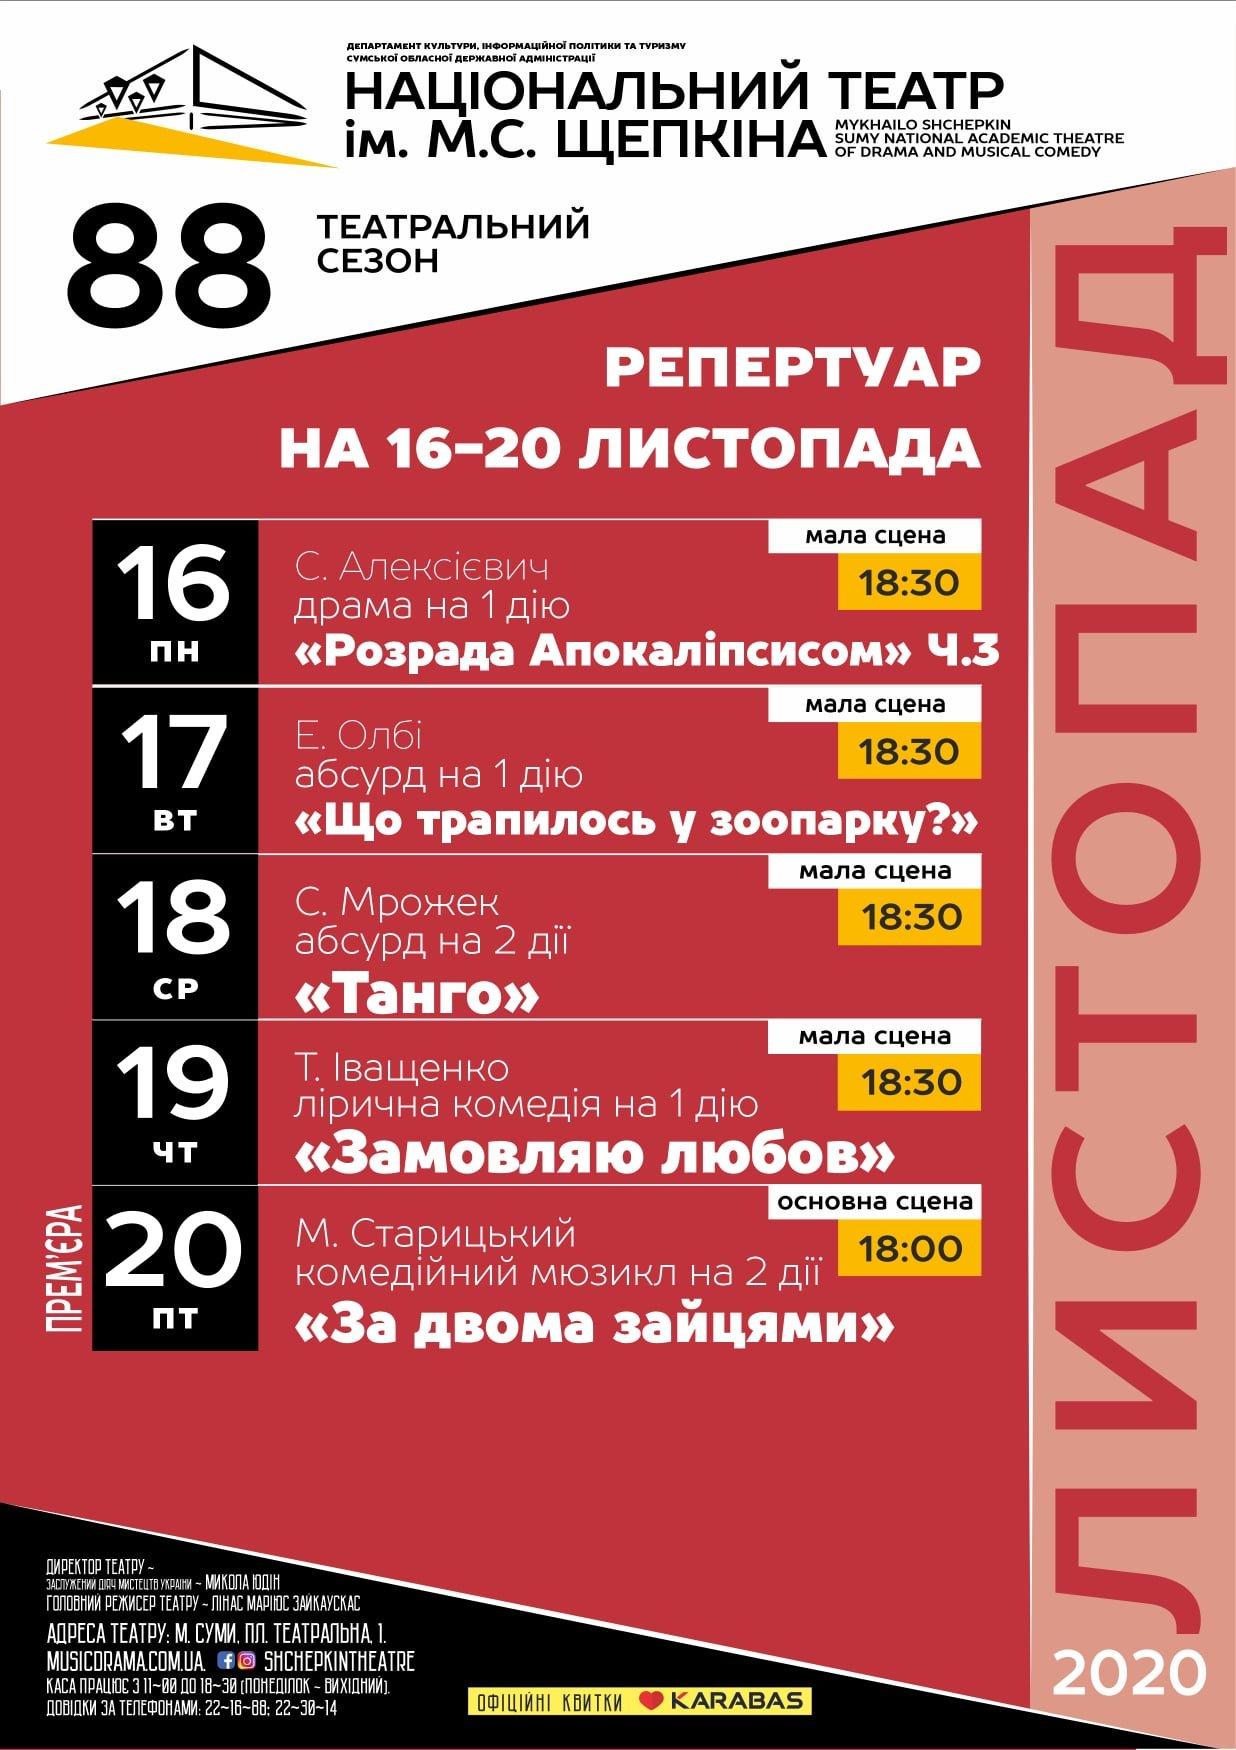 З понеділка у Сумах відкривається театр ім. Щепкіна, фото-1